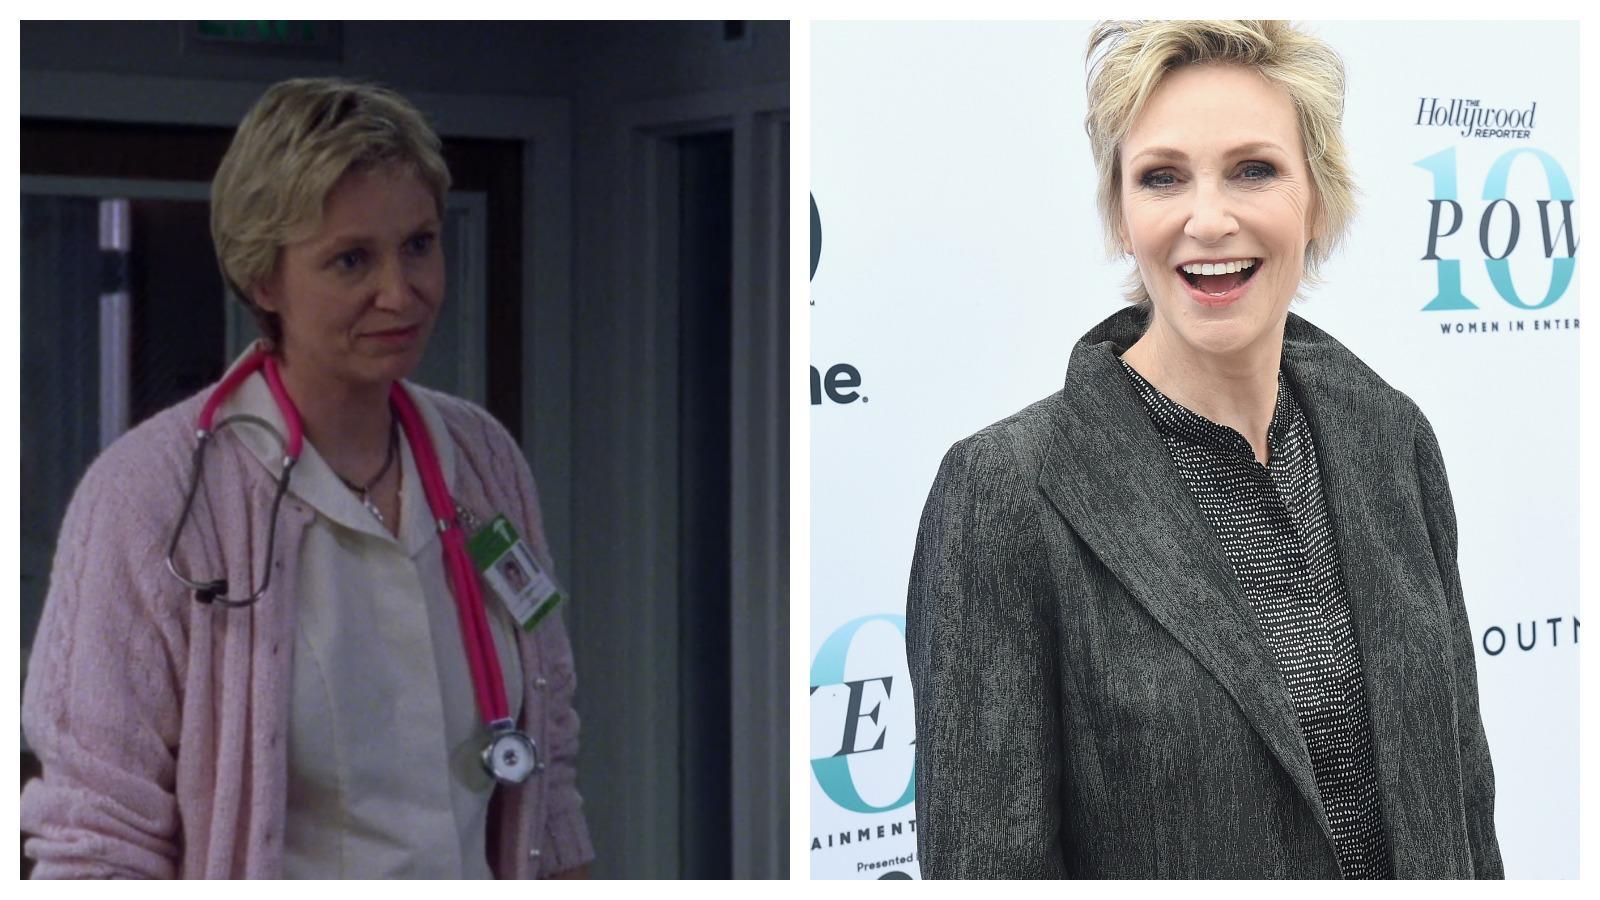 Jane Lynch, a nagyszerű komika az első évad kilencedik részében játszott nővérkét. Azóta rengeteg filmben szerepelt, a sorozatrajongóknak pedig a Glee - Sztárok leszünk-ből is ismerős lehet. (Warner/Getty Images)